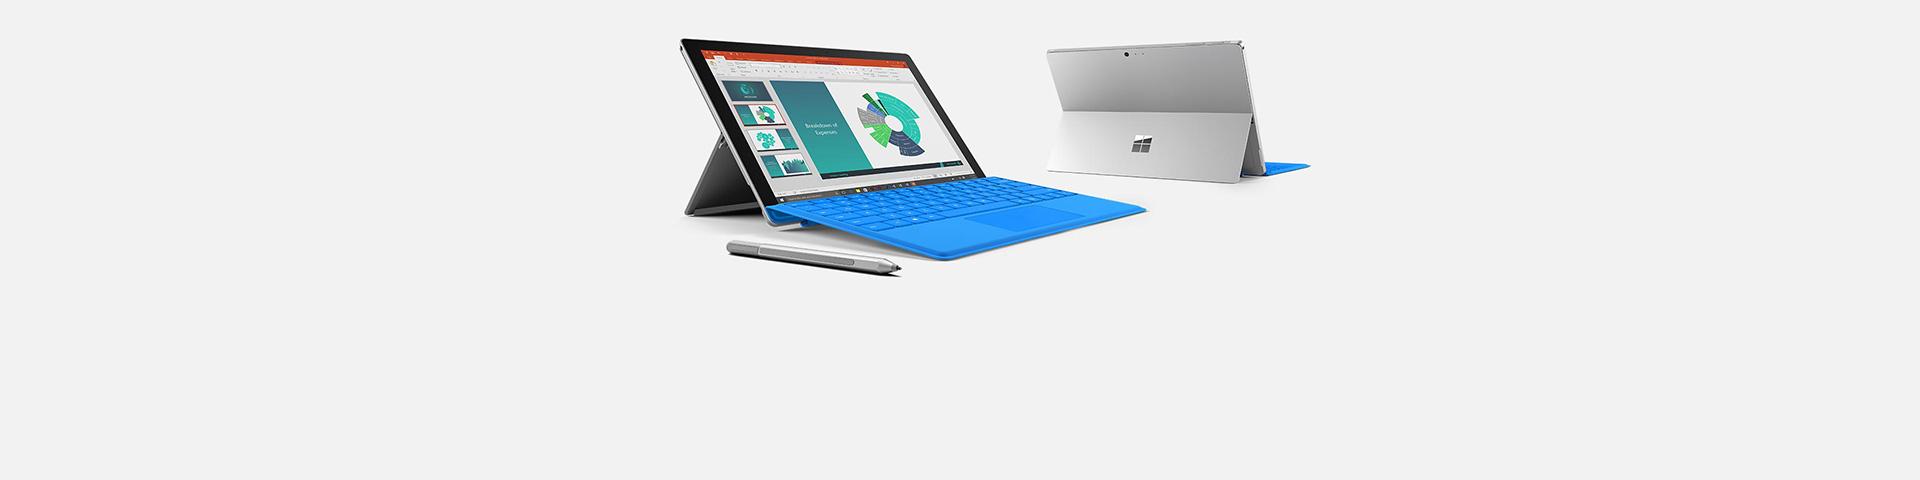 Dispositivos Surface Pro 4